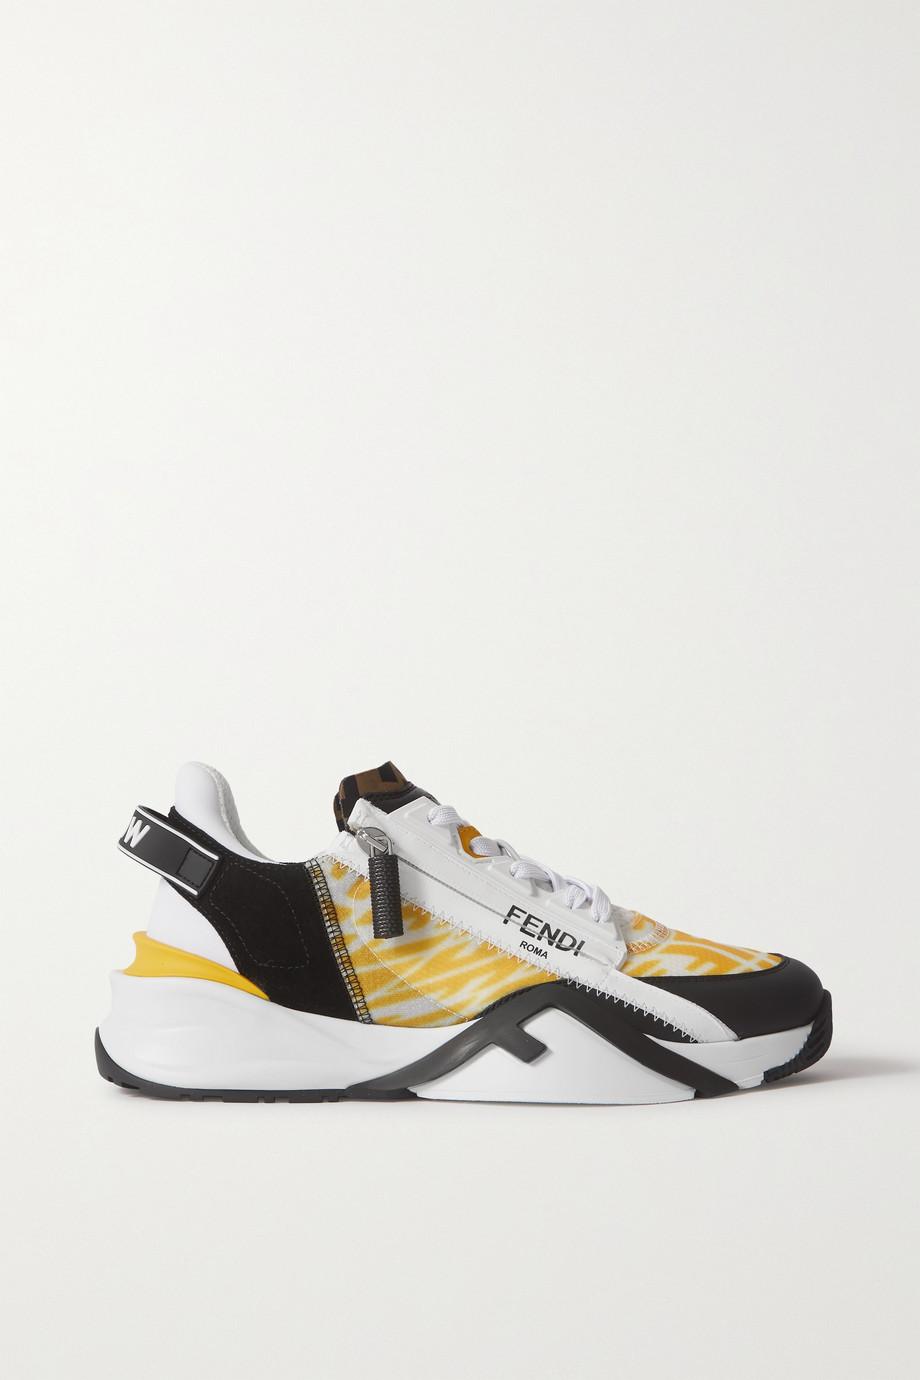 Fendi Sneakers aus Leder, Veloursleder und Nylon mit Print und Besätzen aus Gummi und Neopren